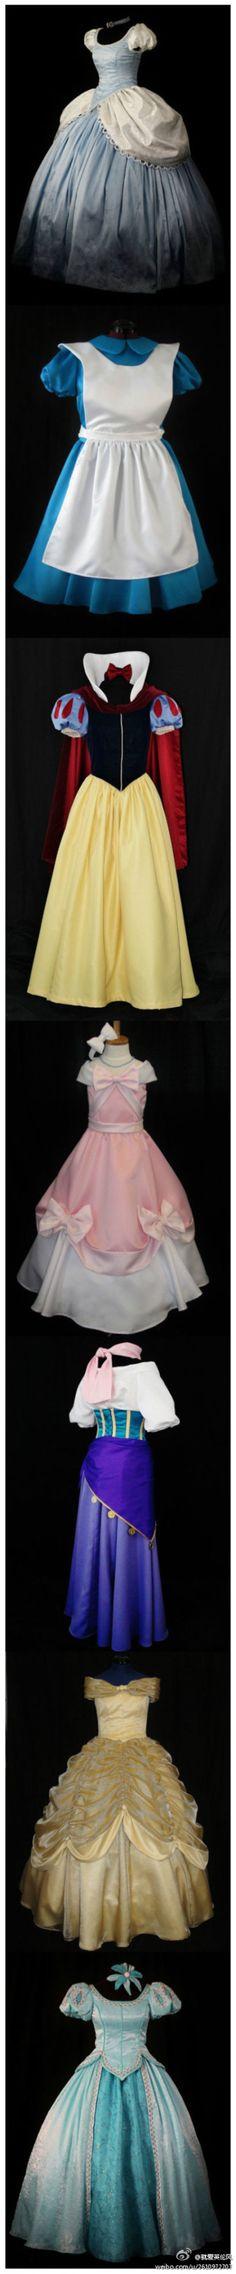 姑娘们,这是童年的梦想吗?猜得出都是哪位女主角的衣服吗~?